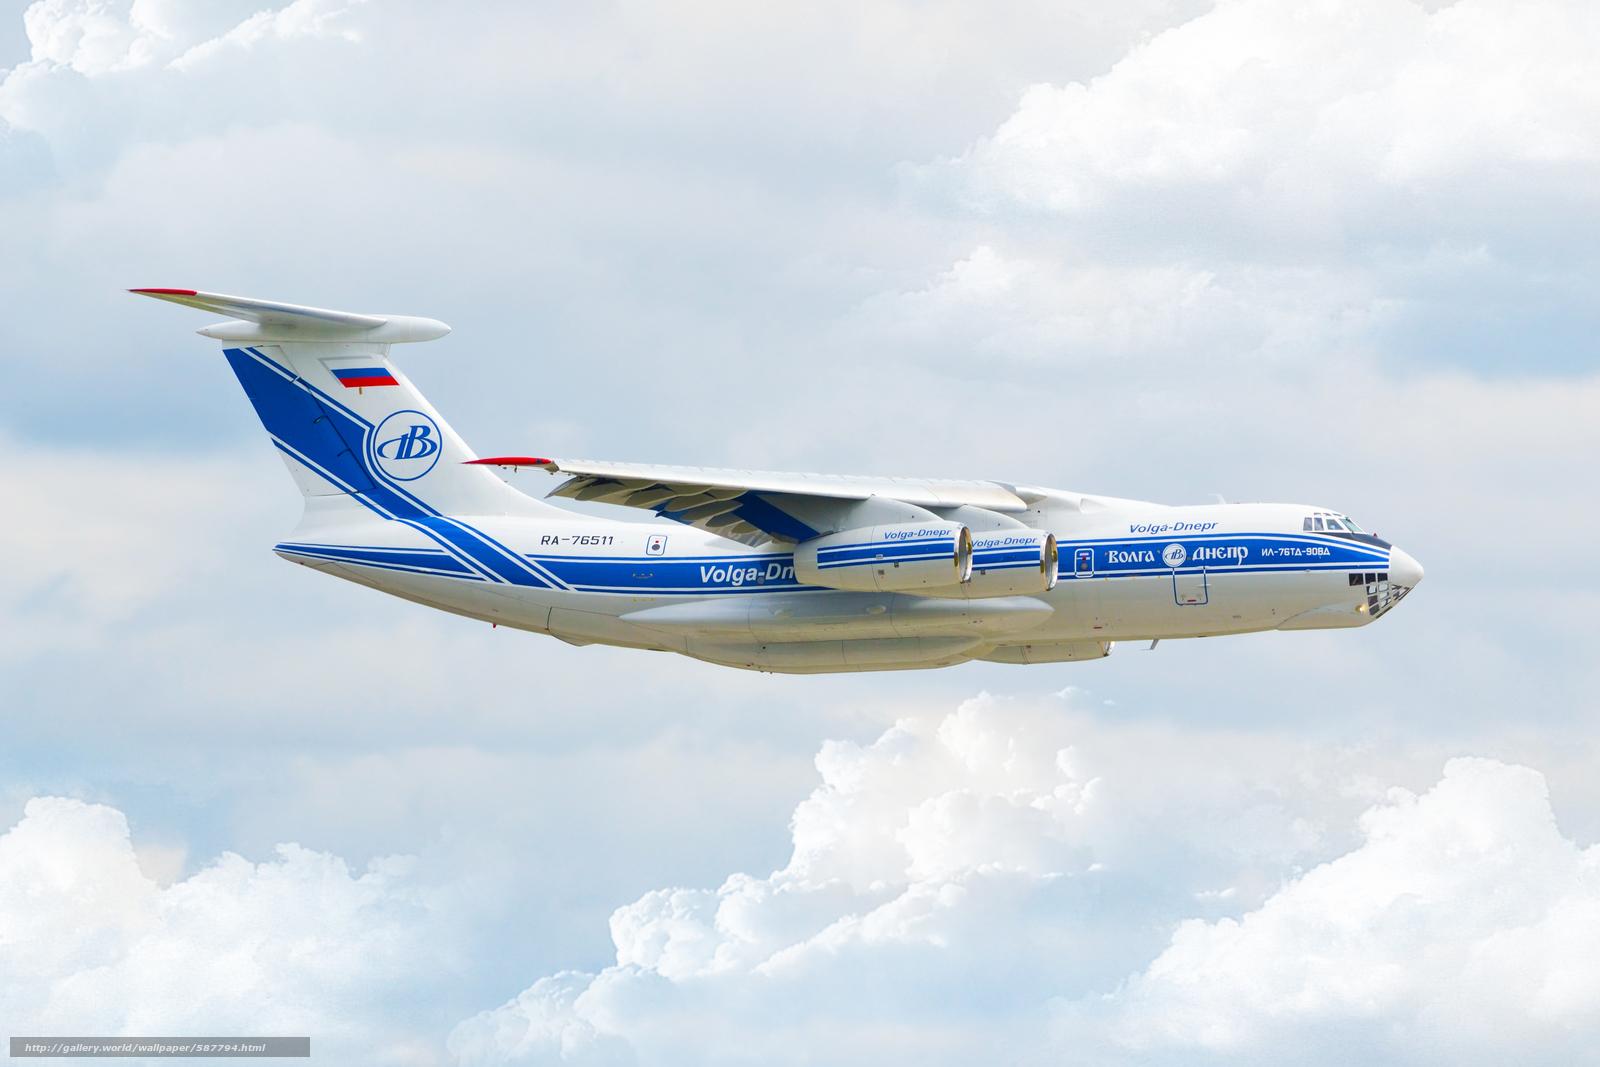 Скачать обои Ильюшин,  Вид сбоку,  Крылья,  военно-транспортный самолёт бесплатно для рабочего стола в разрешении 4608x3072 — картинка №587794